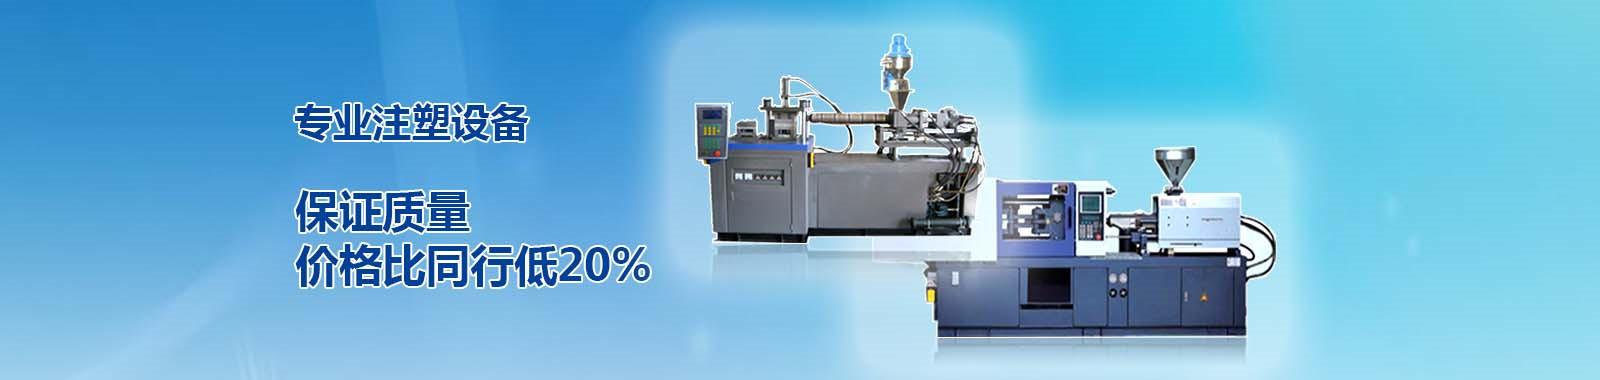 塑胶制品质量保证,价格比同行优惠20%